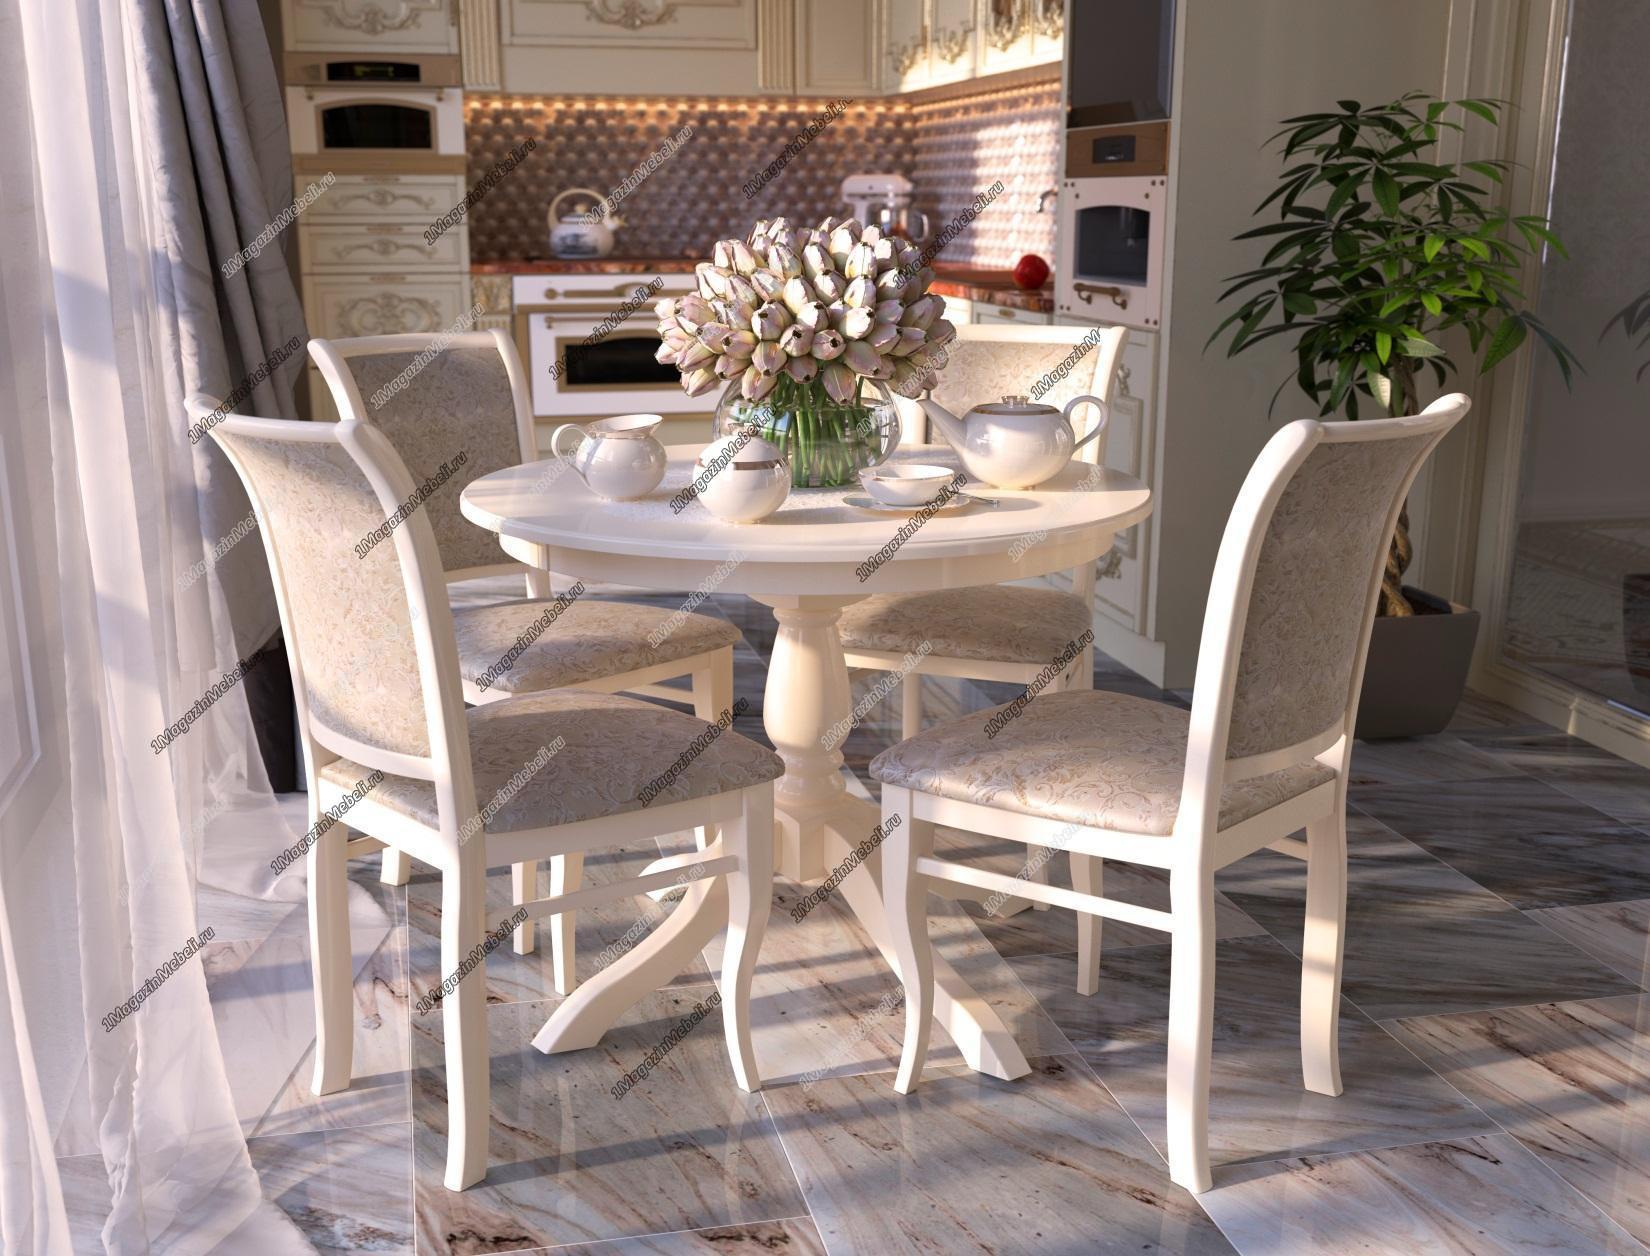 Стол круглый 85 см. слоновая кость для кухни, шпон дуба (арт. М4245)